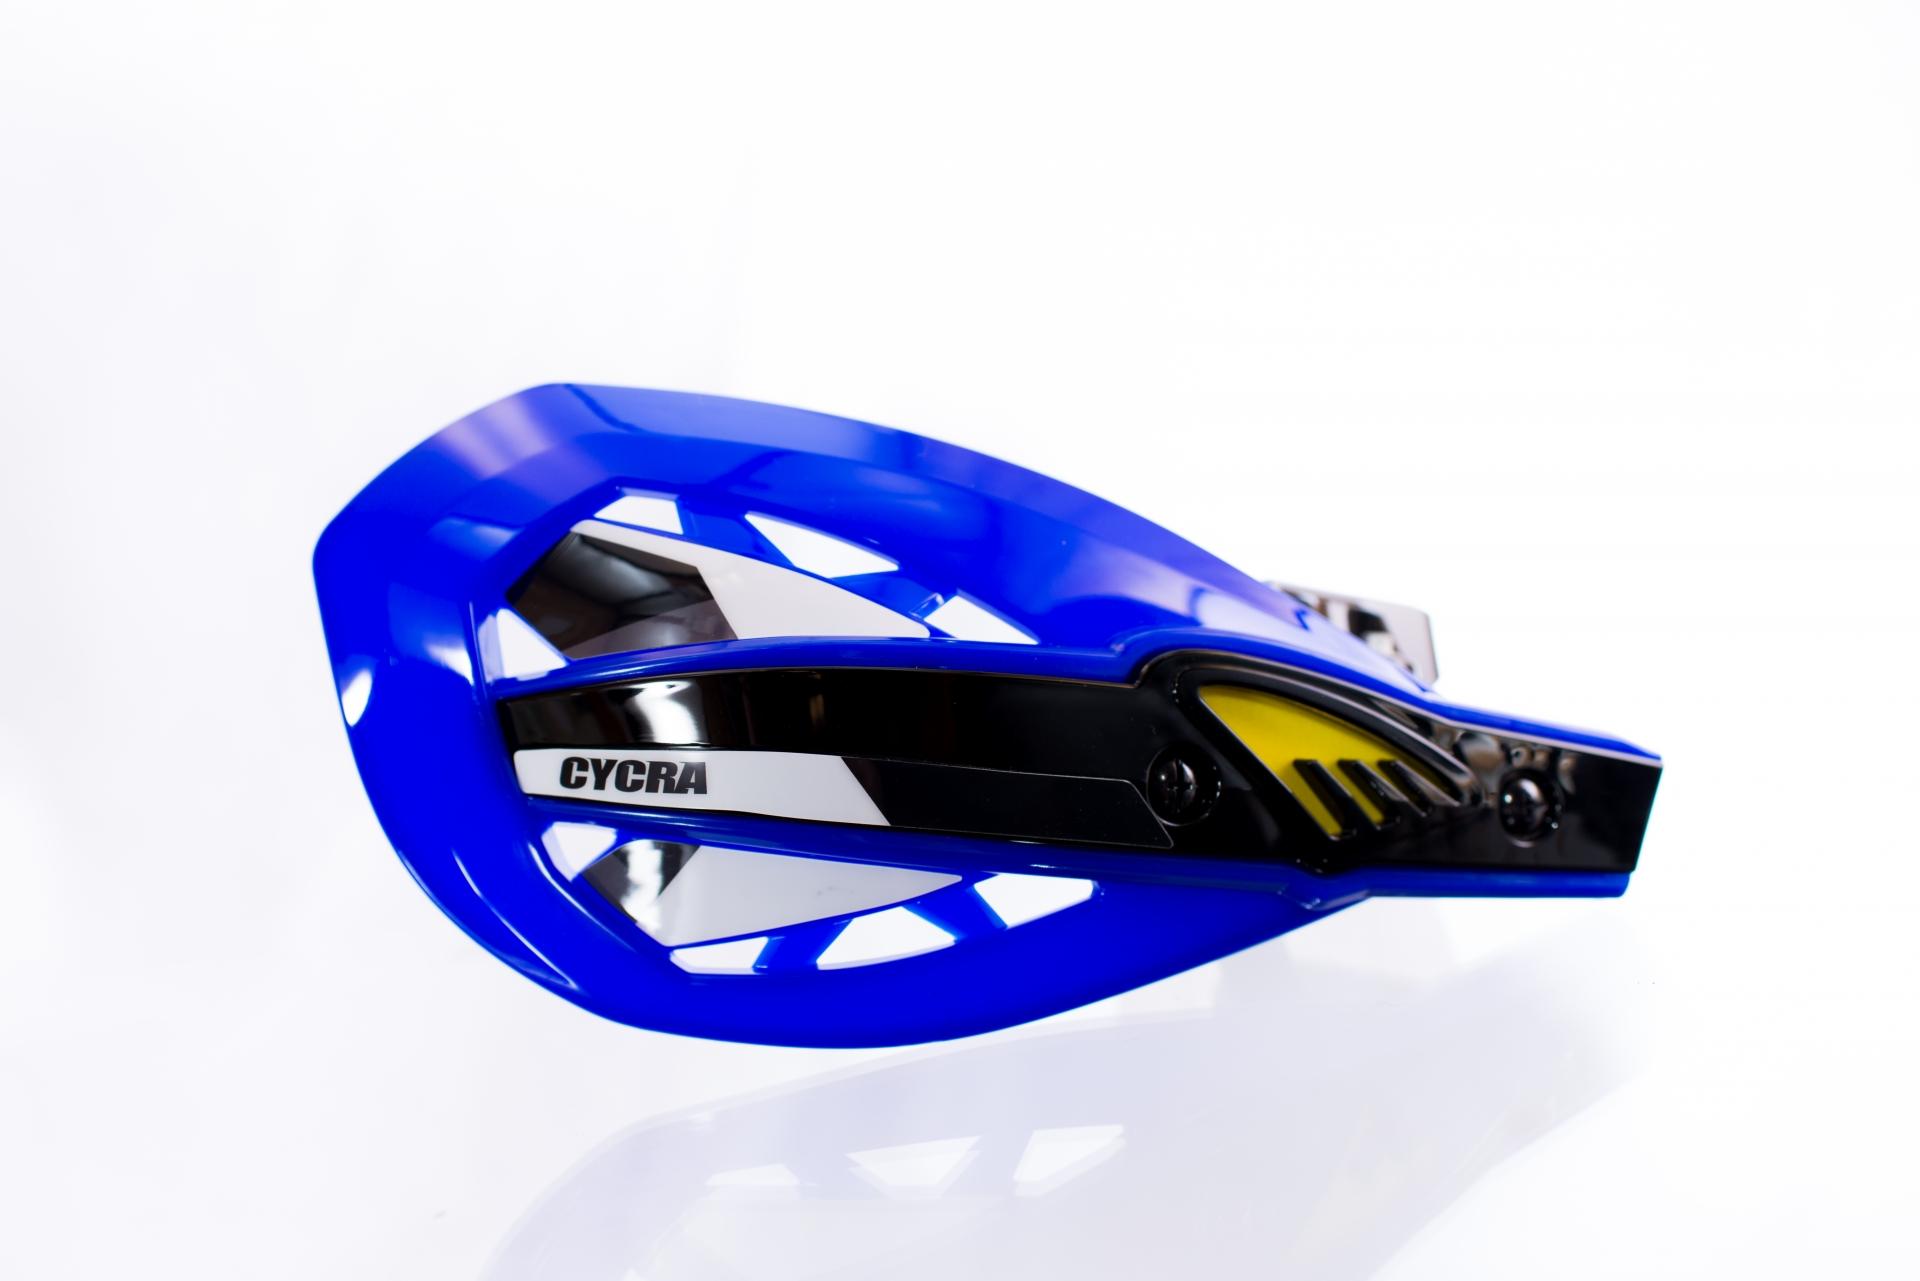 CYCRA サイクラ ECLIPSE (エクリプス) ハンドガードキット・Yamaha 4スト 2014-2020用パーチマウント